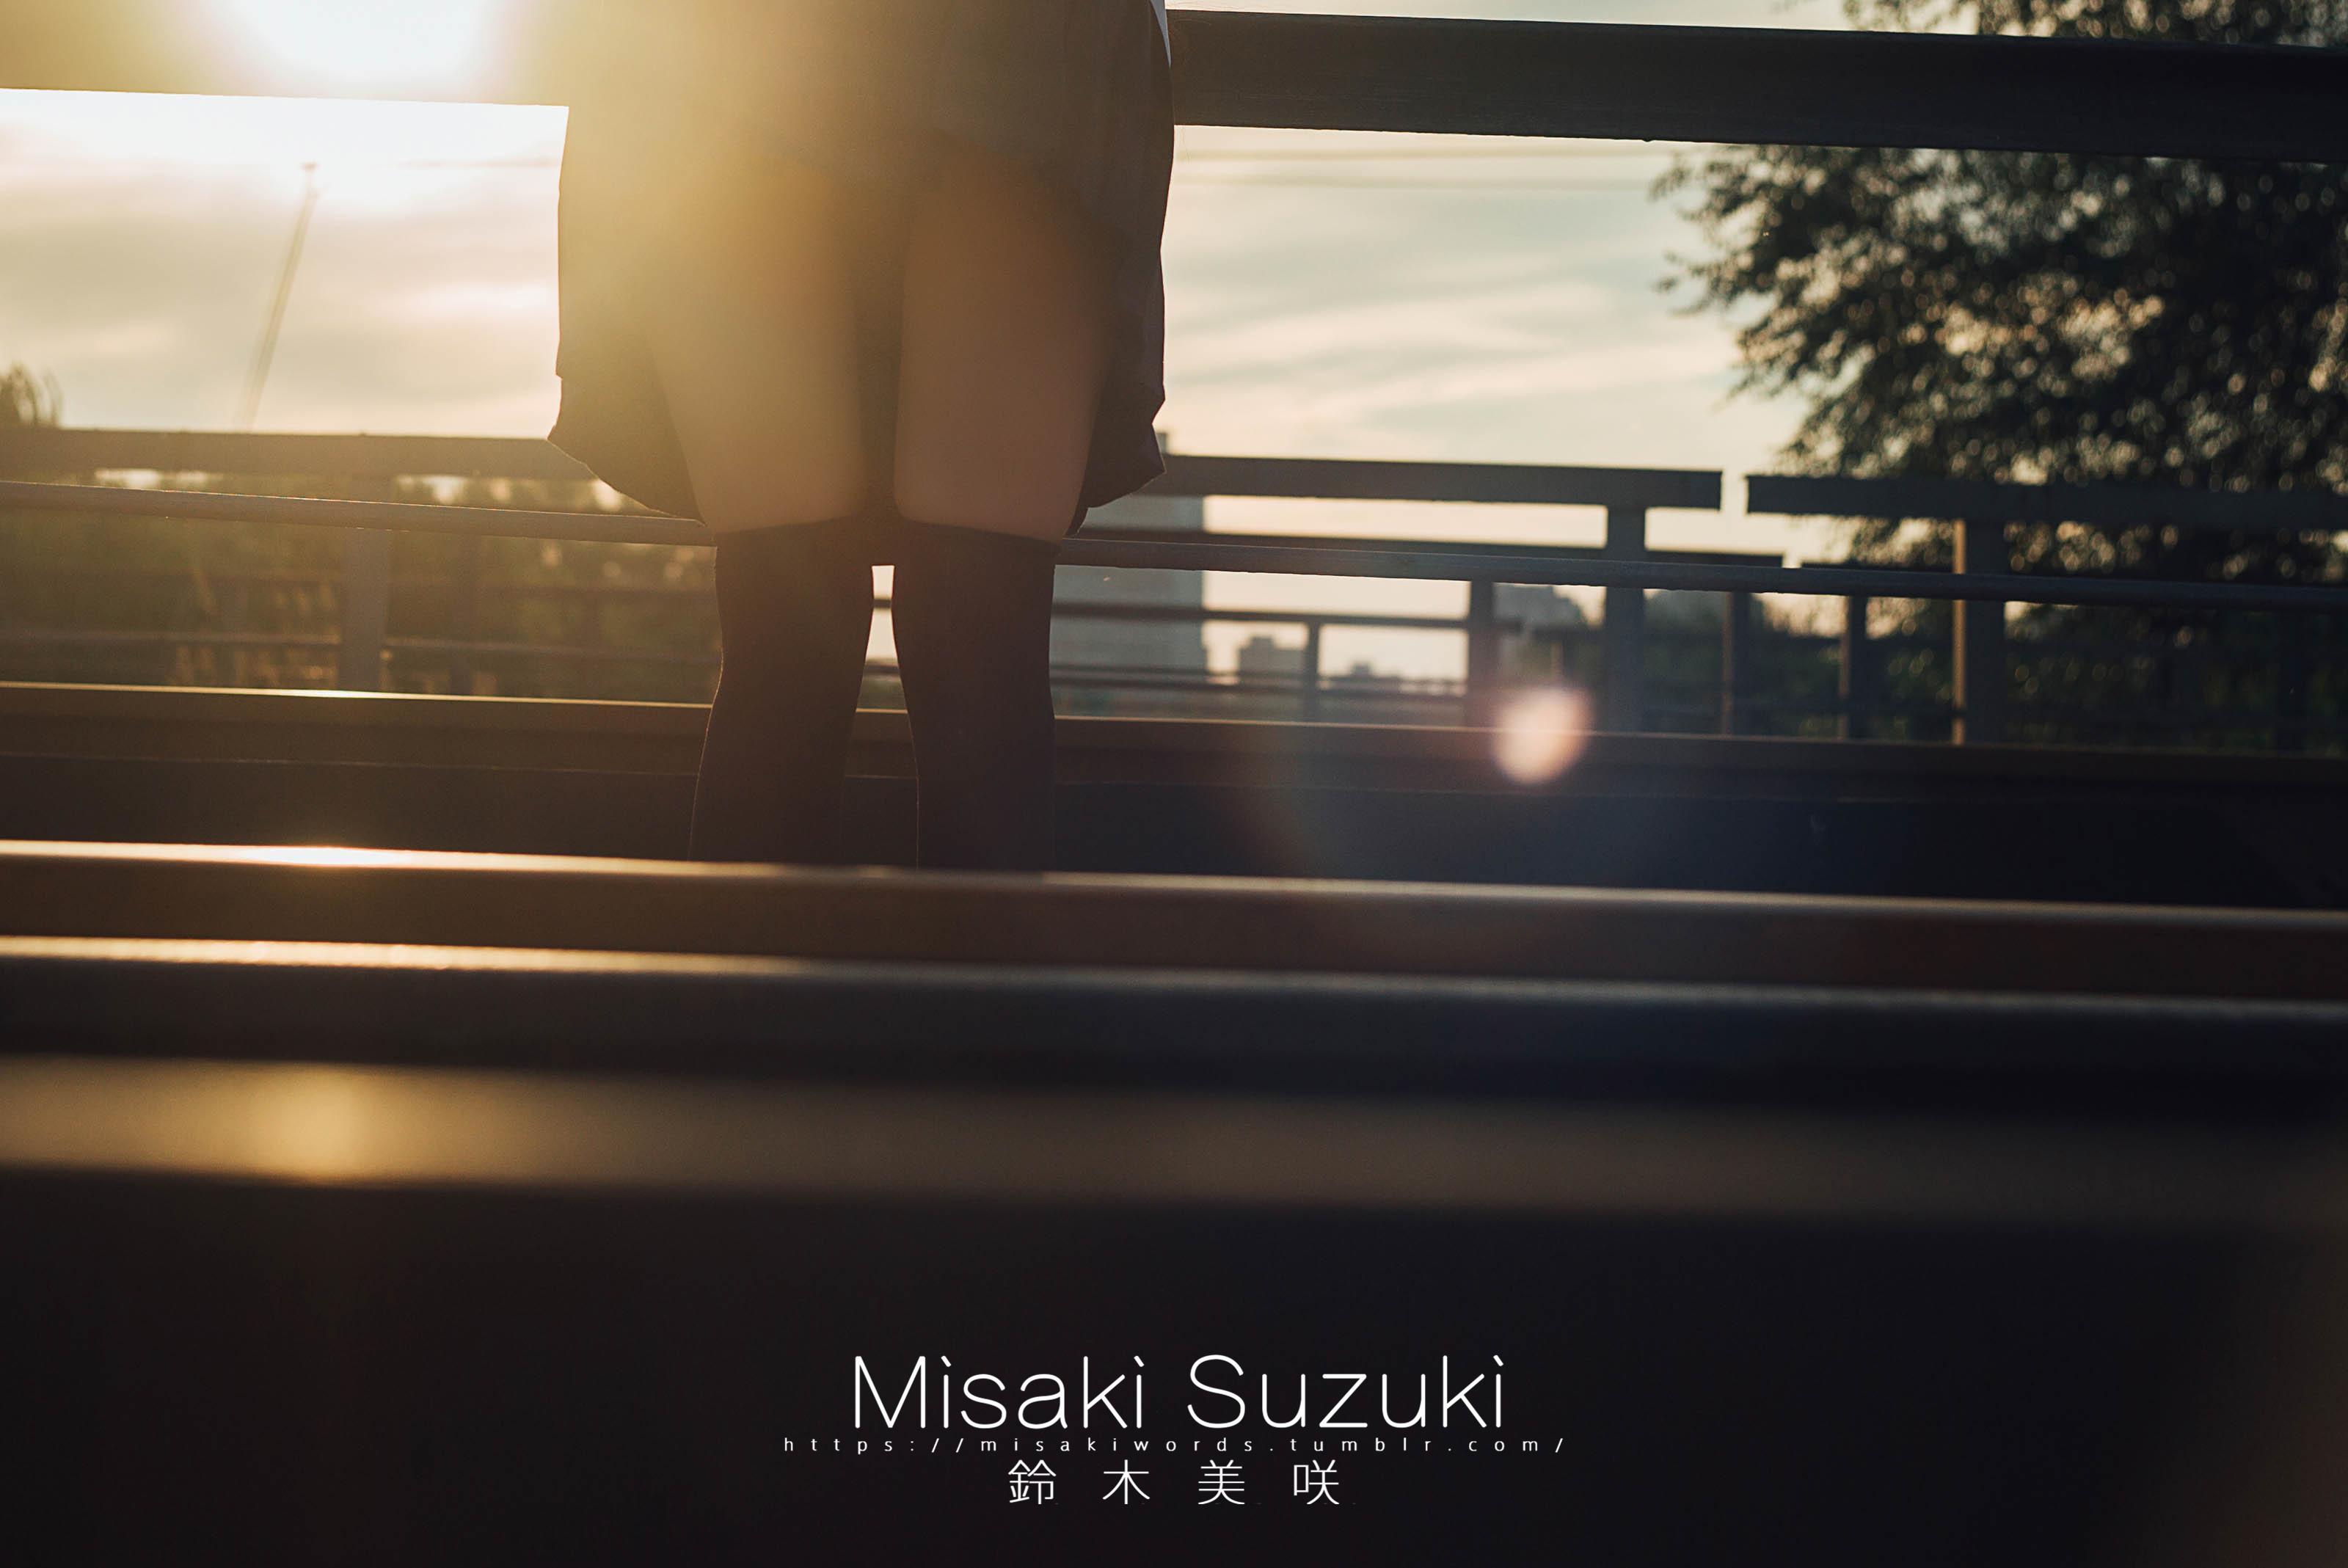 铁道与少女-铃木美咲写真系列之铁道篇